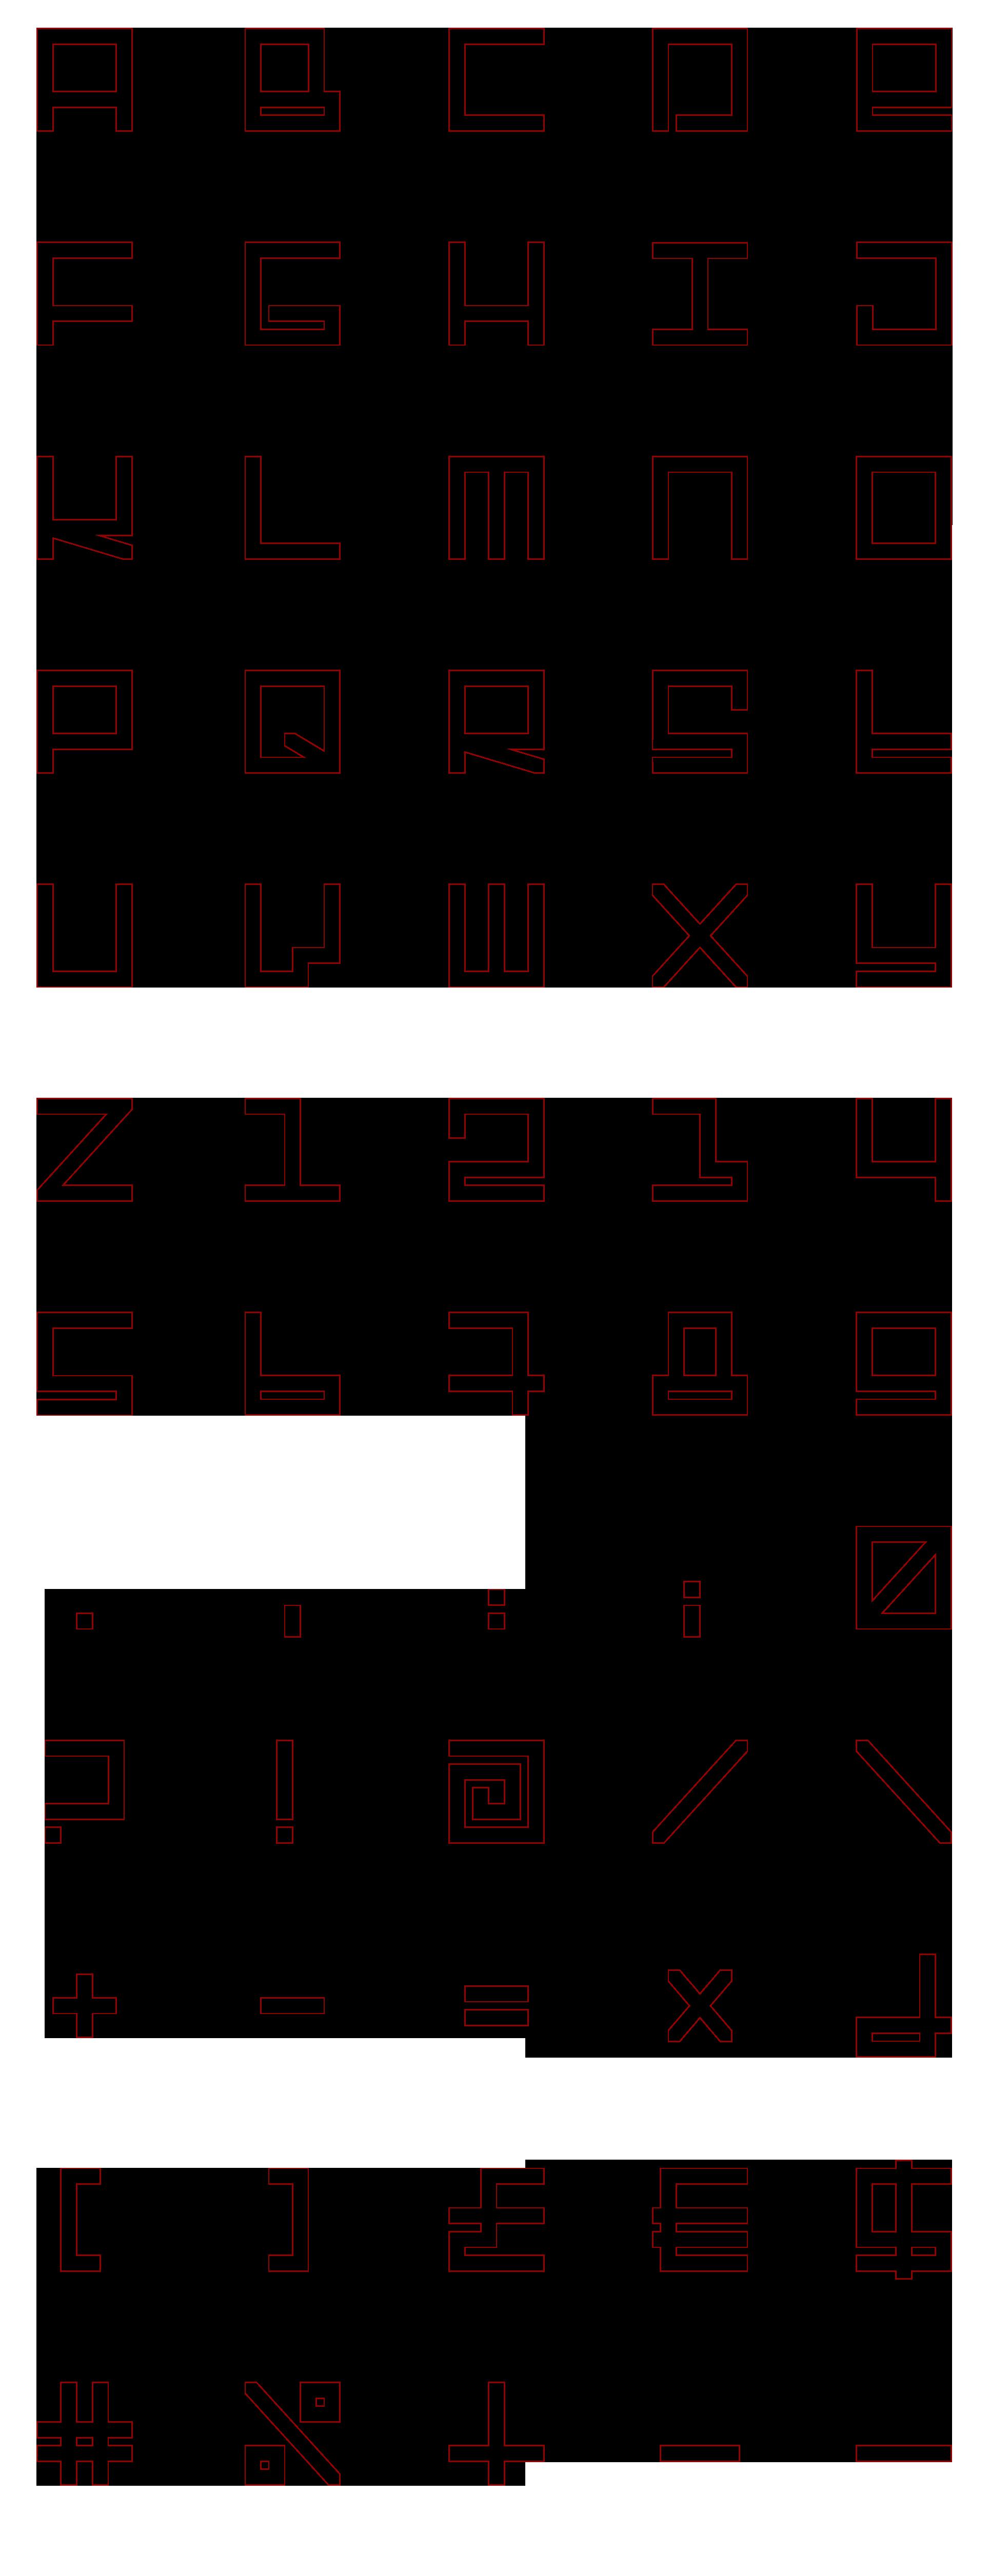 vlevle-gamatik-typography-outline